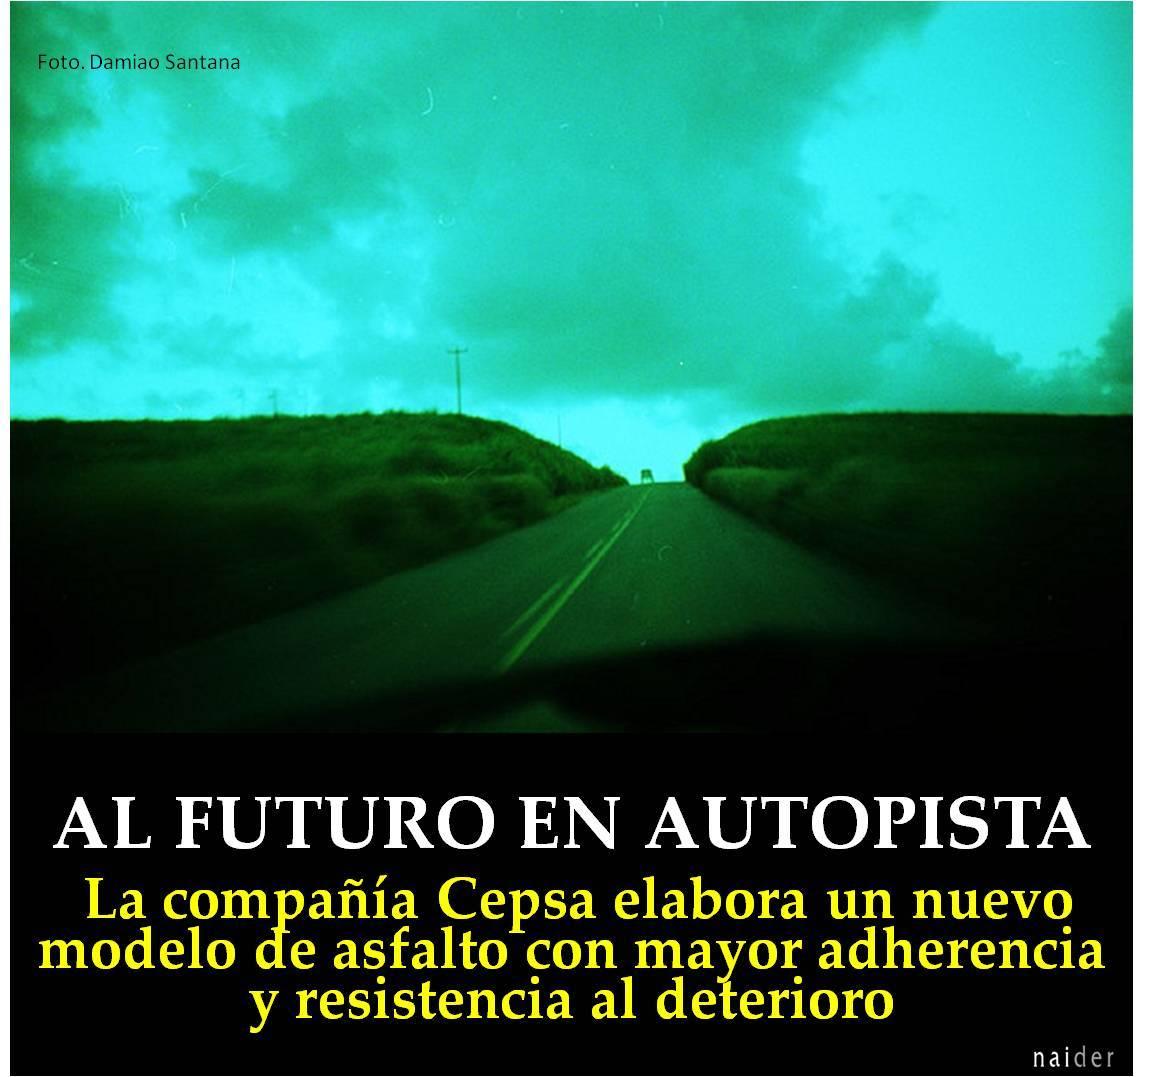 Al futuro en autopista buena